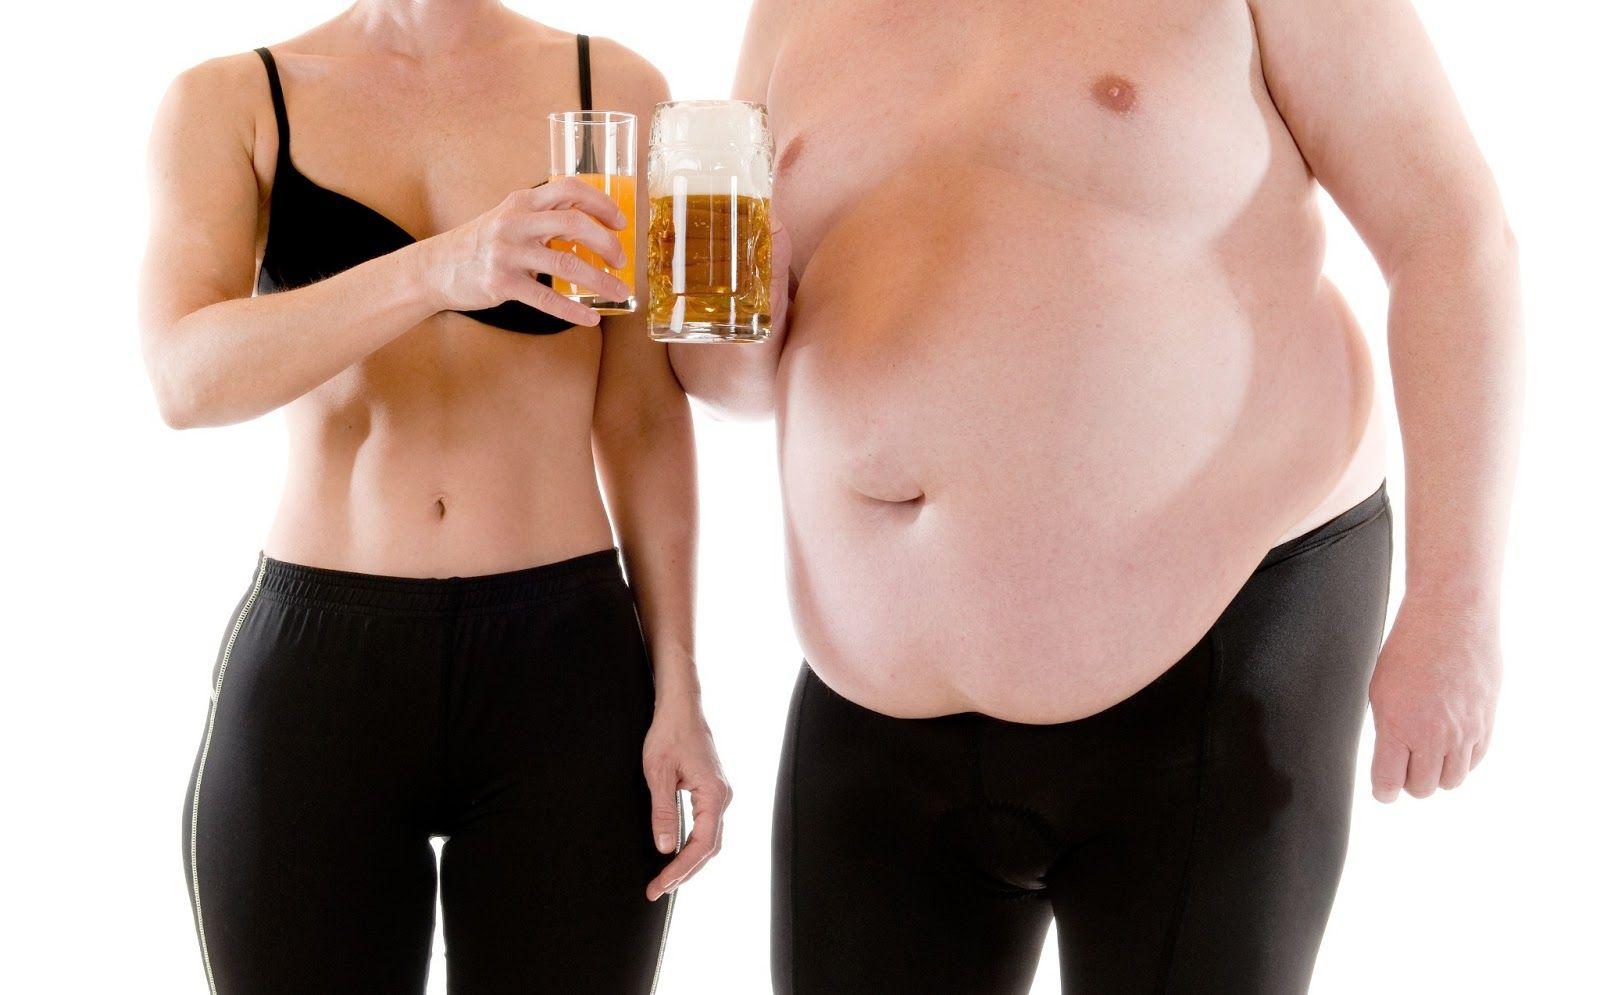 Как в действительности алкоголь влияет на нашу фигуру?